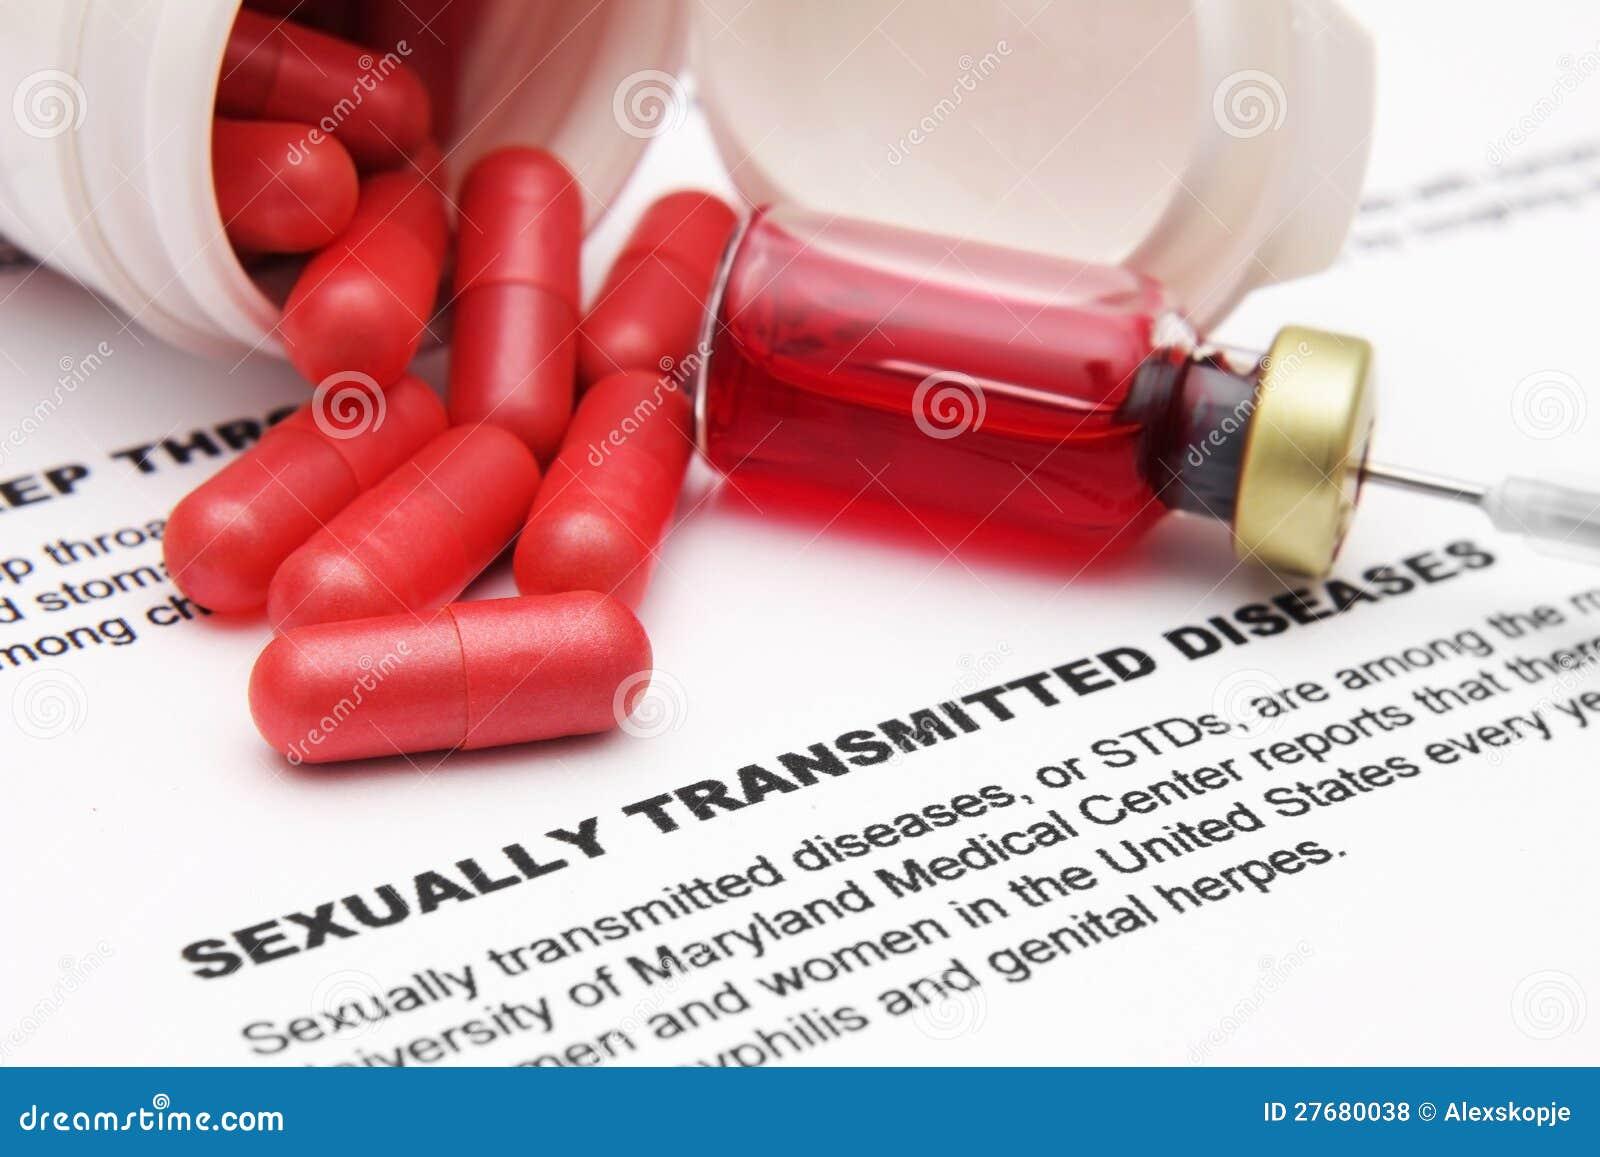 Секс с презервативом во время лечения уреаплазмоза 23 фотография